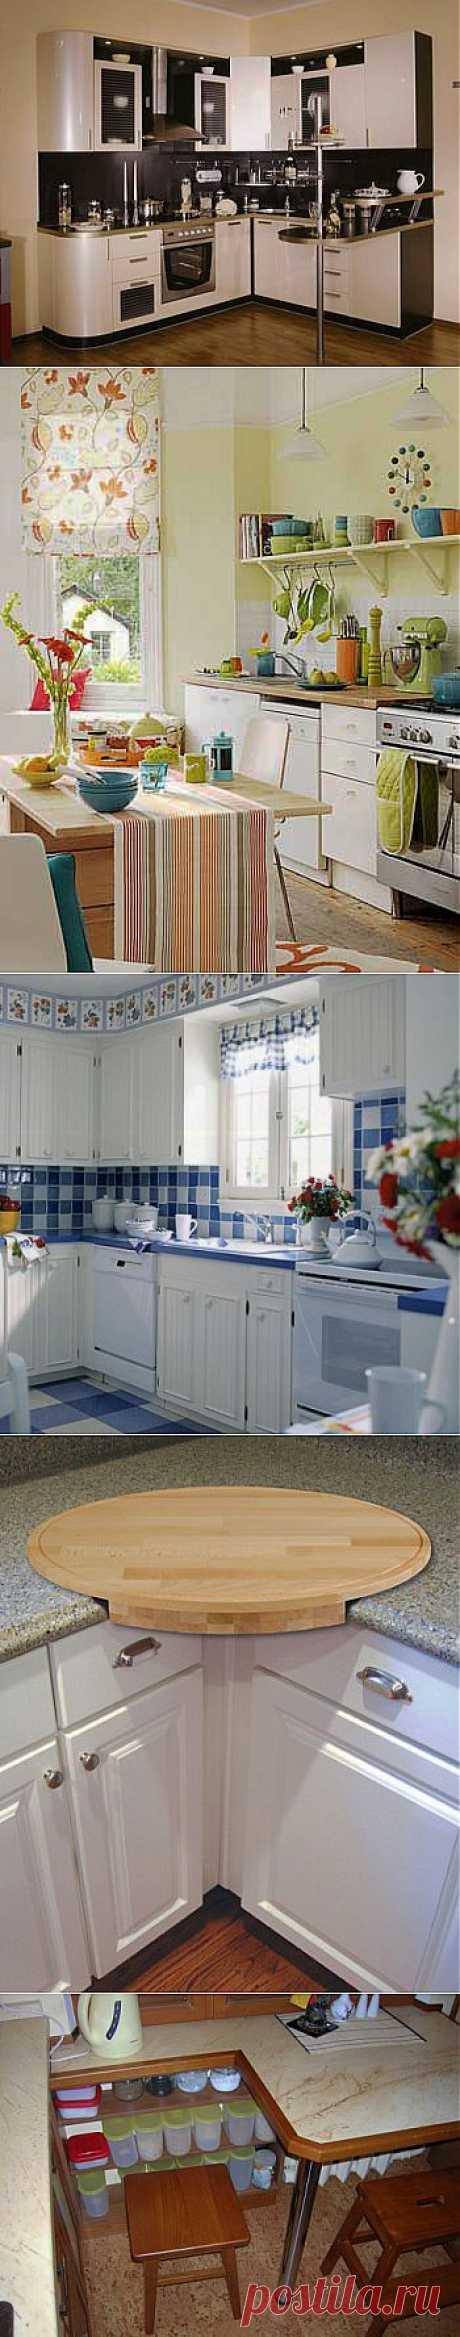 Дизайн маленькой кухни | Дамская копилка